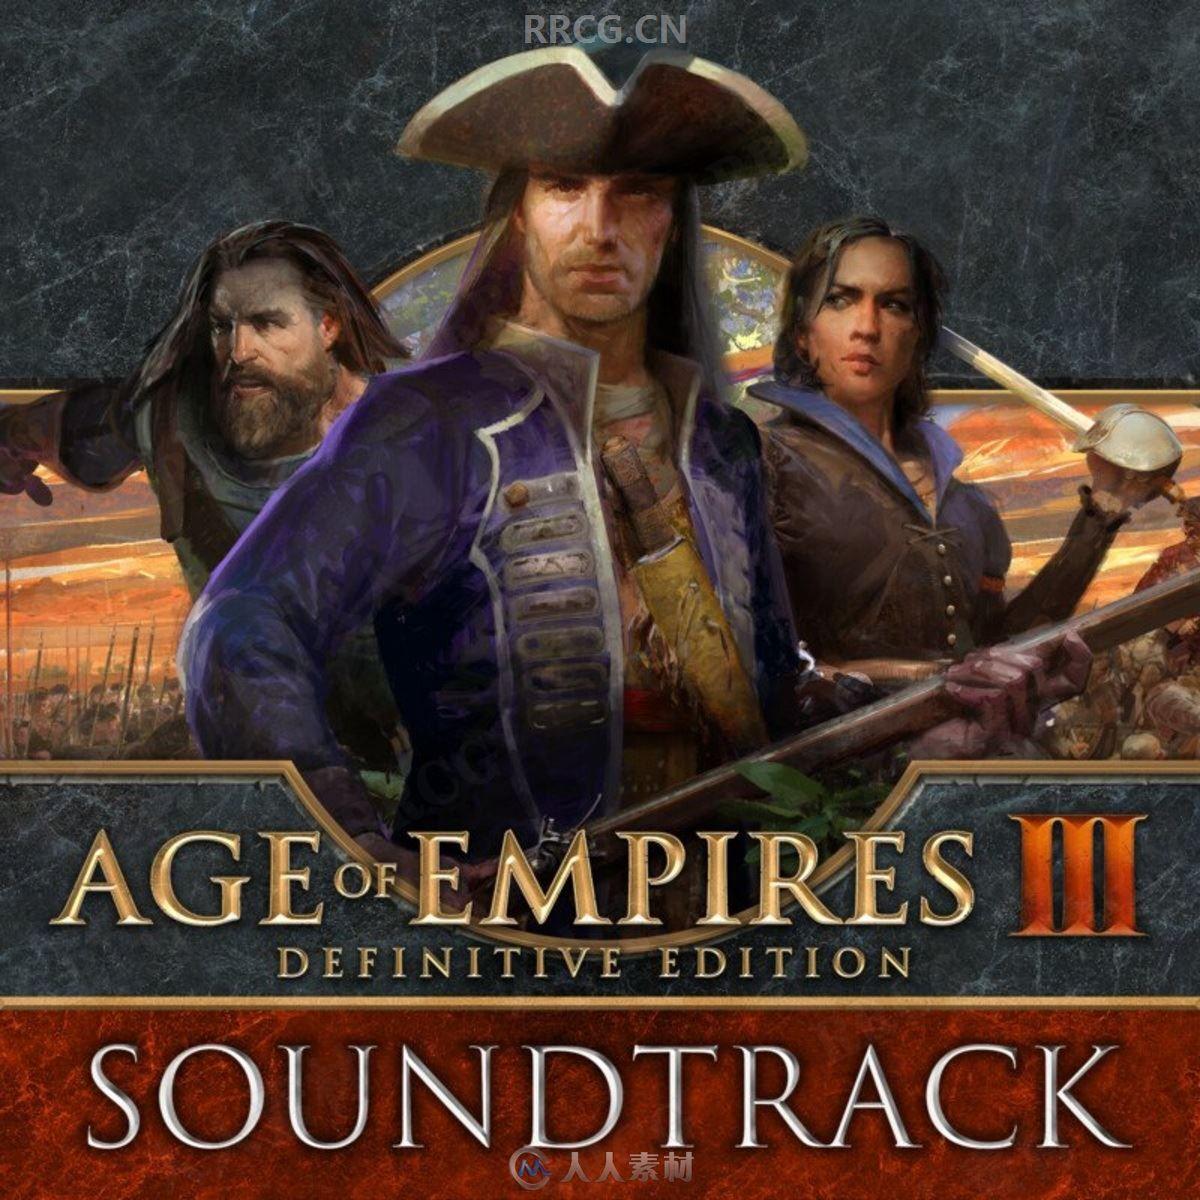 帝国时代3:决定版游戏配乐原声大碟OST音乐素材合集